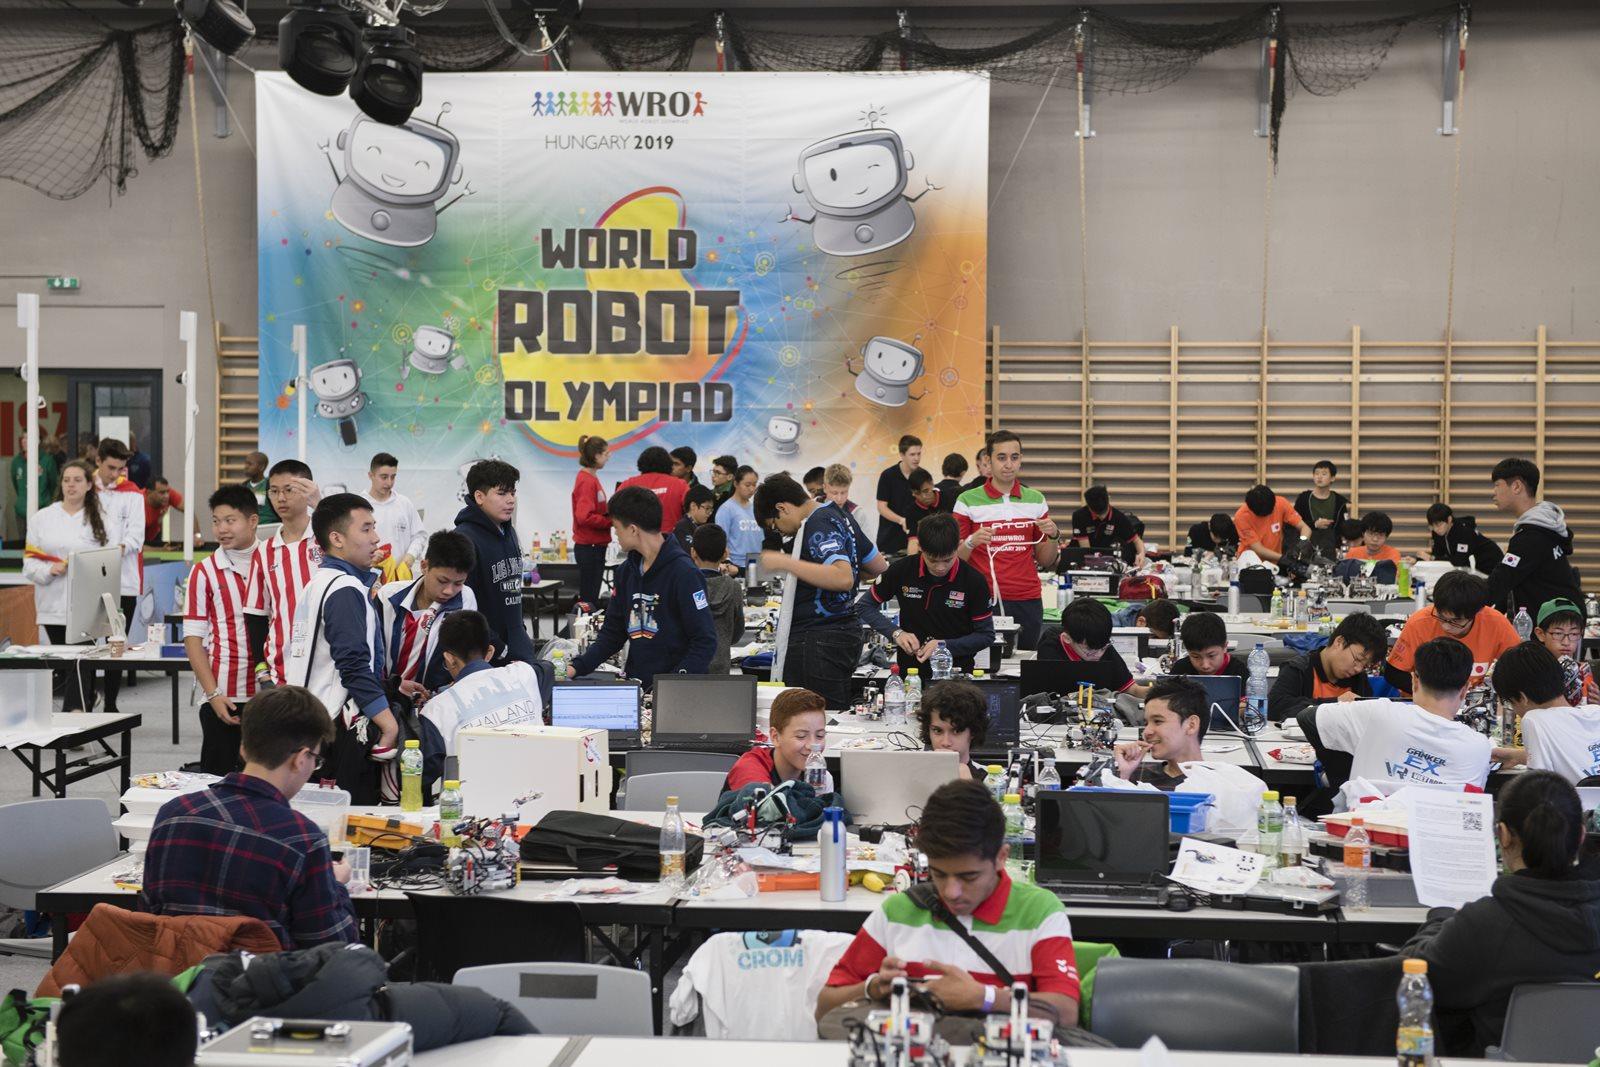 Η ομάδα Jobi Team με τους Βασίλη Ντάτη και Γιάννη Τριανταφύλλη, επί τω έργω στον παγκόσμιο τελικό της Ολυμπιάδας Εκπαιδευτικής Ρομποτικής 2019 που έλαβε χάλκινο μετάλλιο στην κατηγορία Regular Δημοτικού.